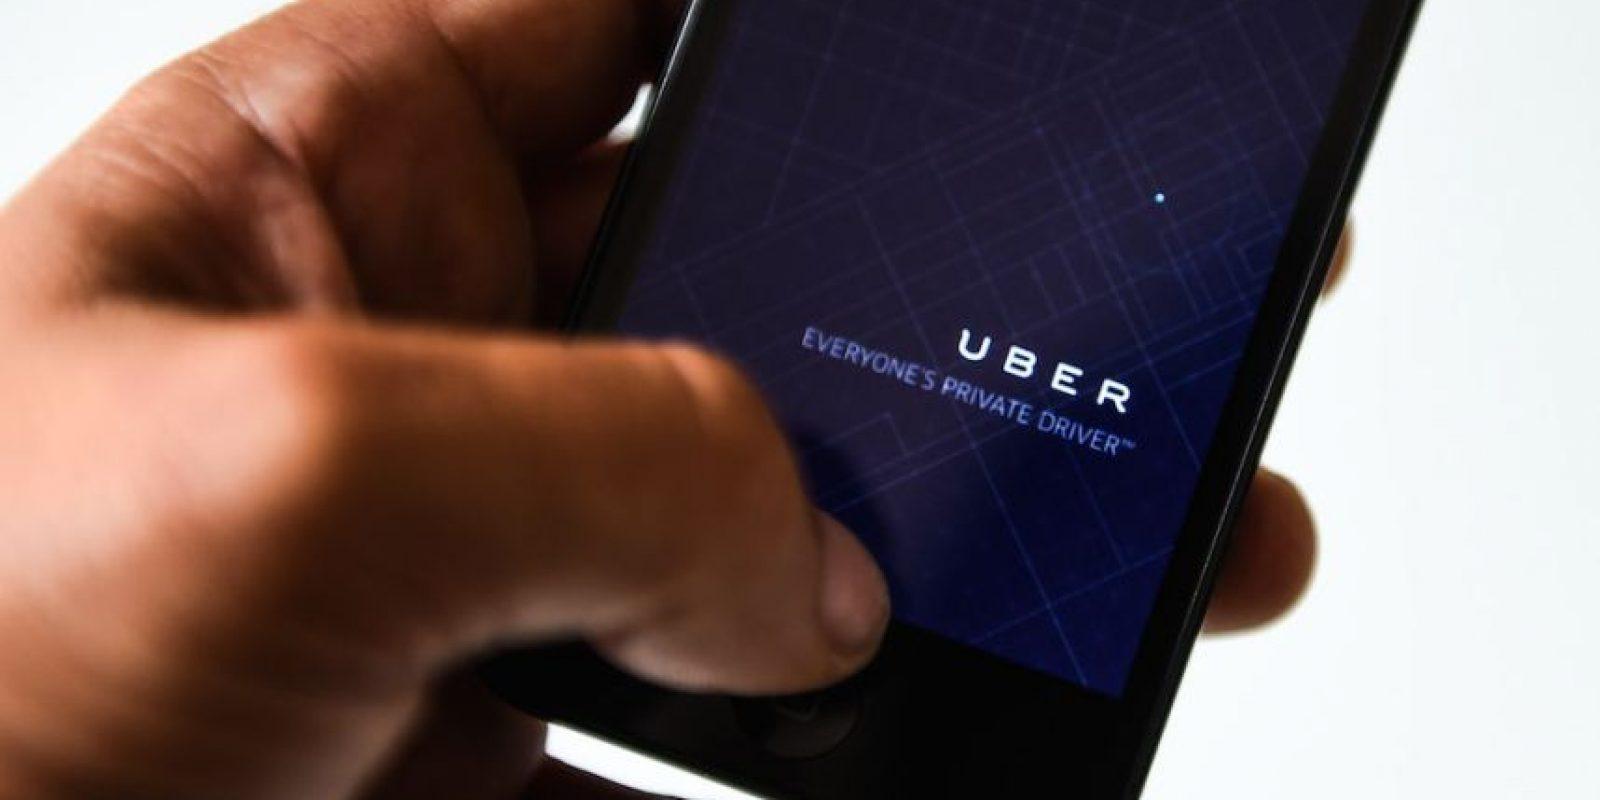 15- Con un código personal, pueden recomendar la app a sus amigos y obtener ambos viajes gratis. Foto:Getty Images